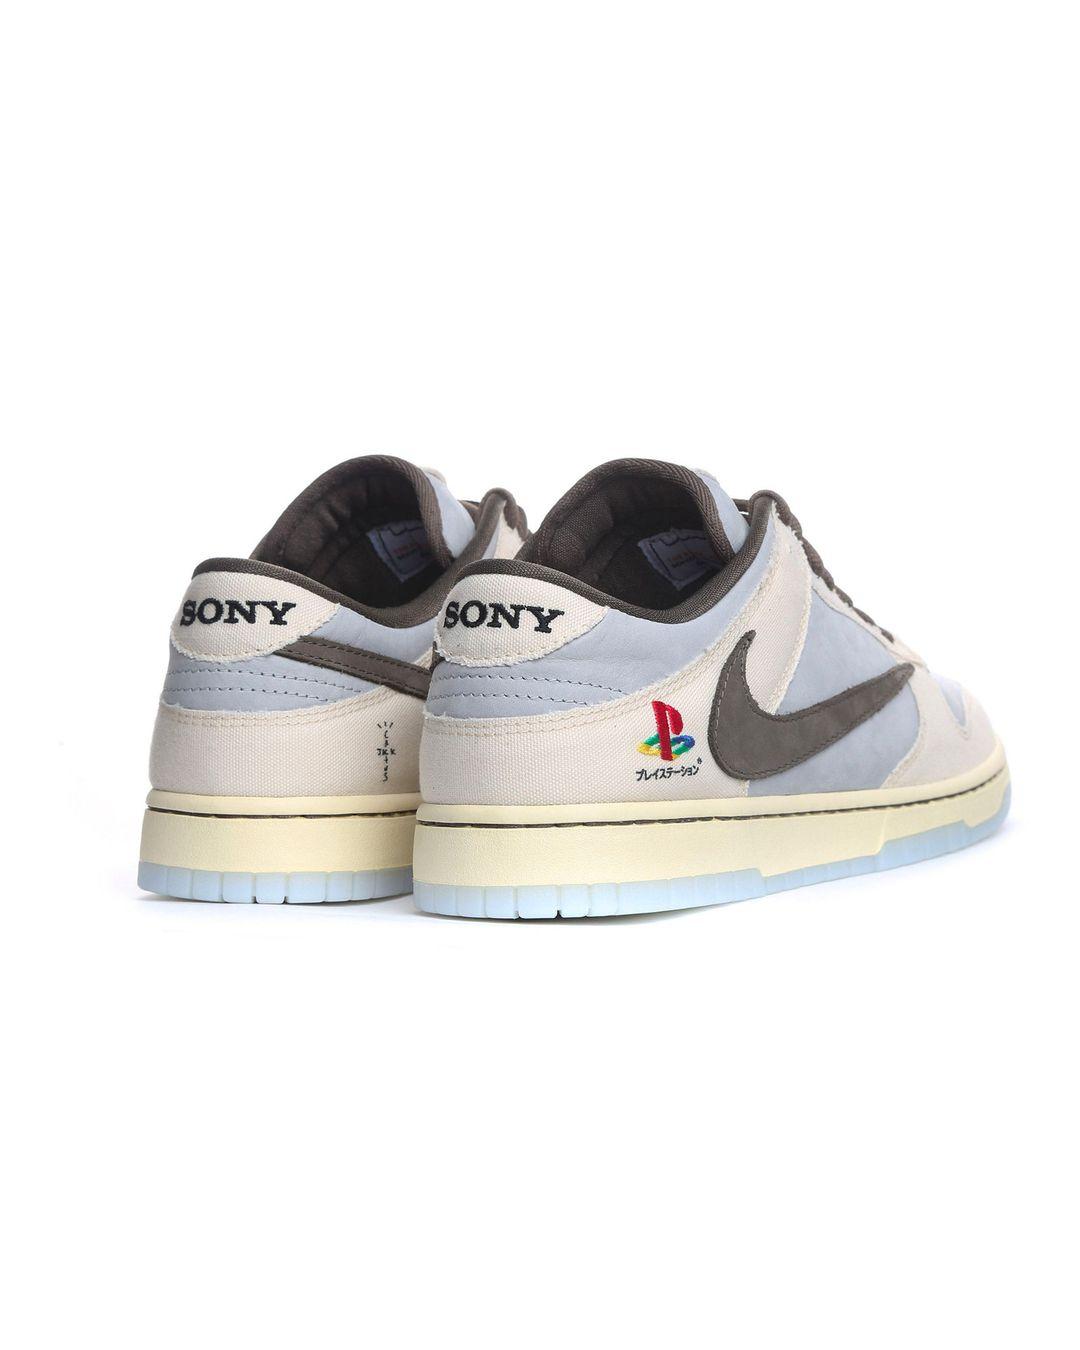 Кроссовки найк трэвис скотт: совместный выпуск с Sony PlayStation 5